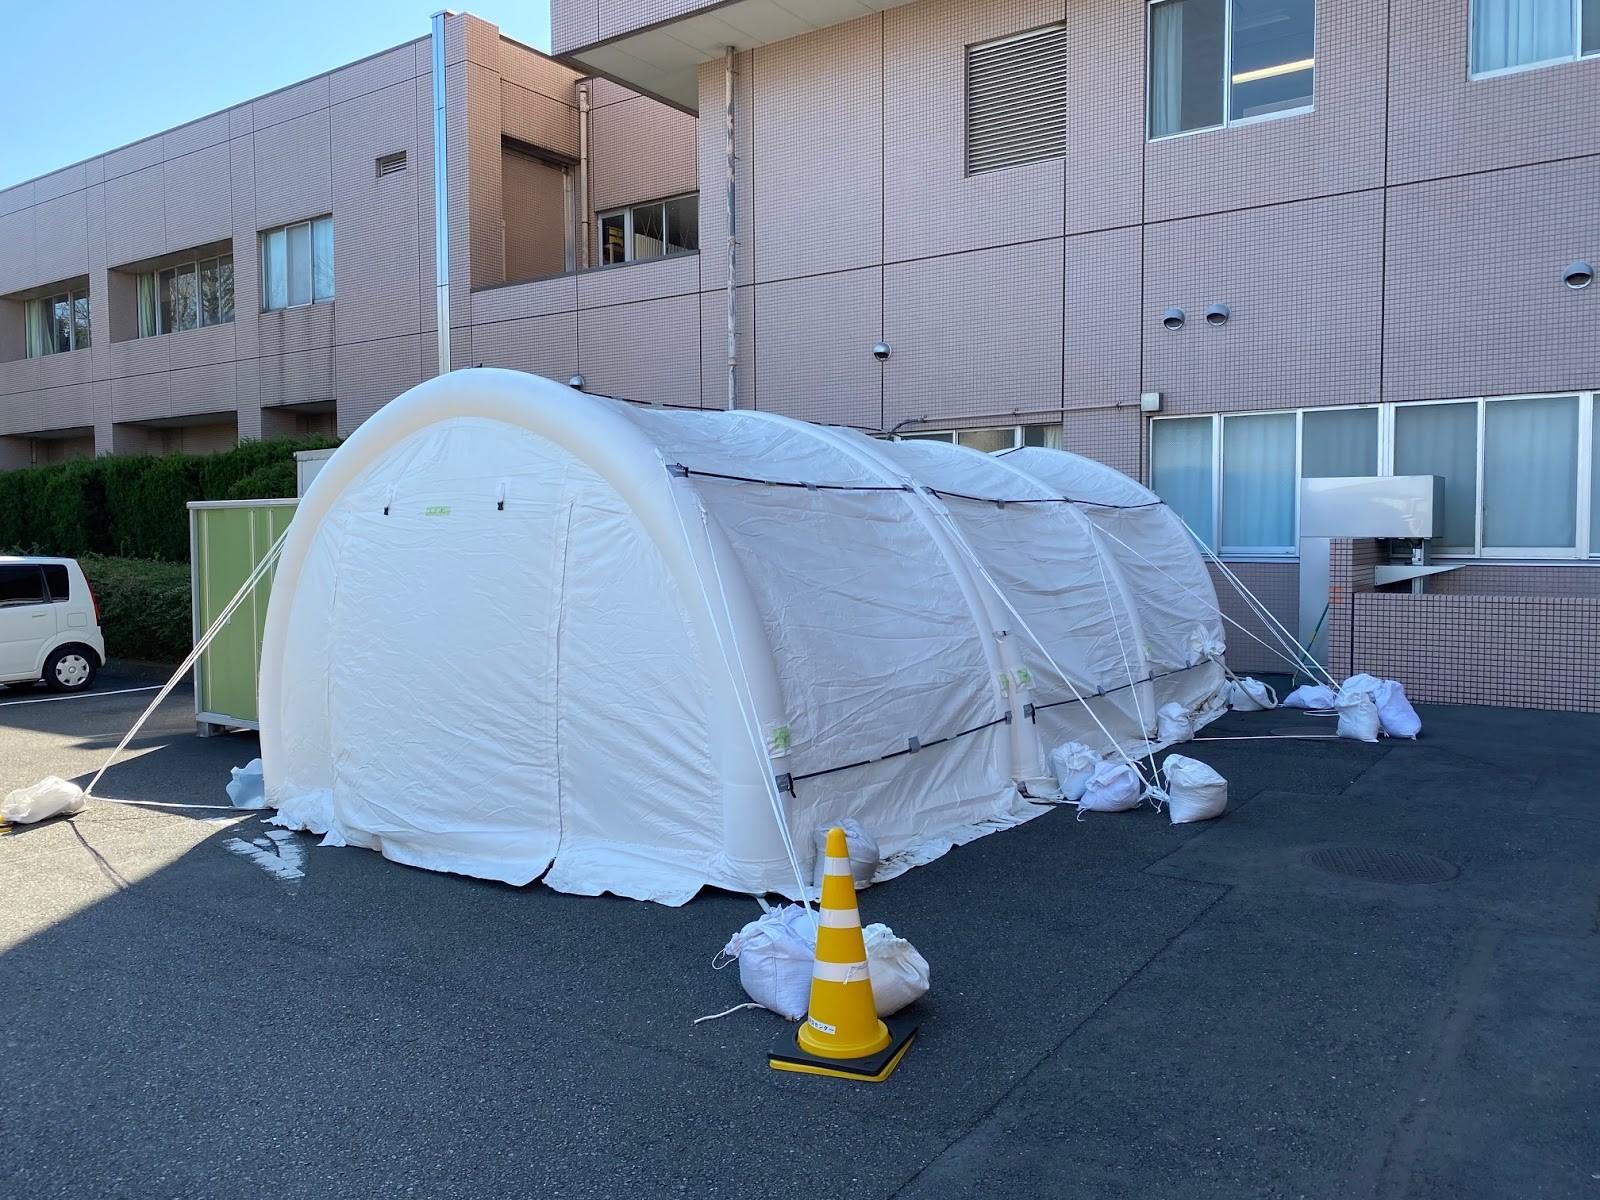 新型コロナウイルス対策に陰圧テントが不可欠である7つの理由